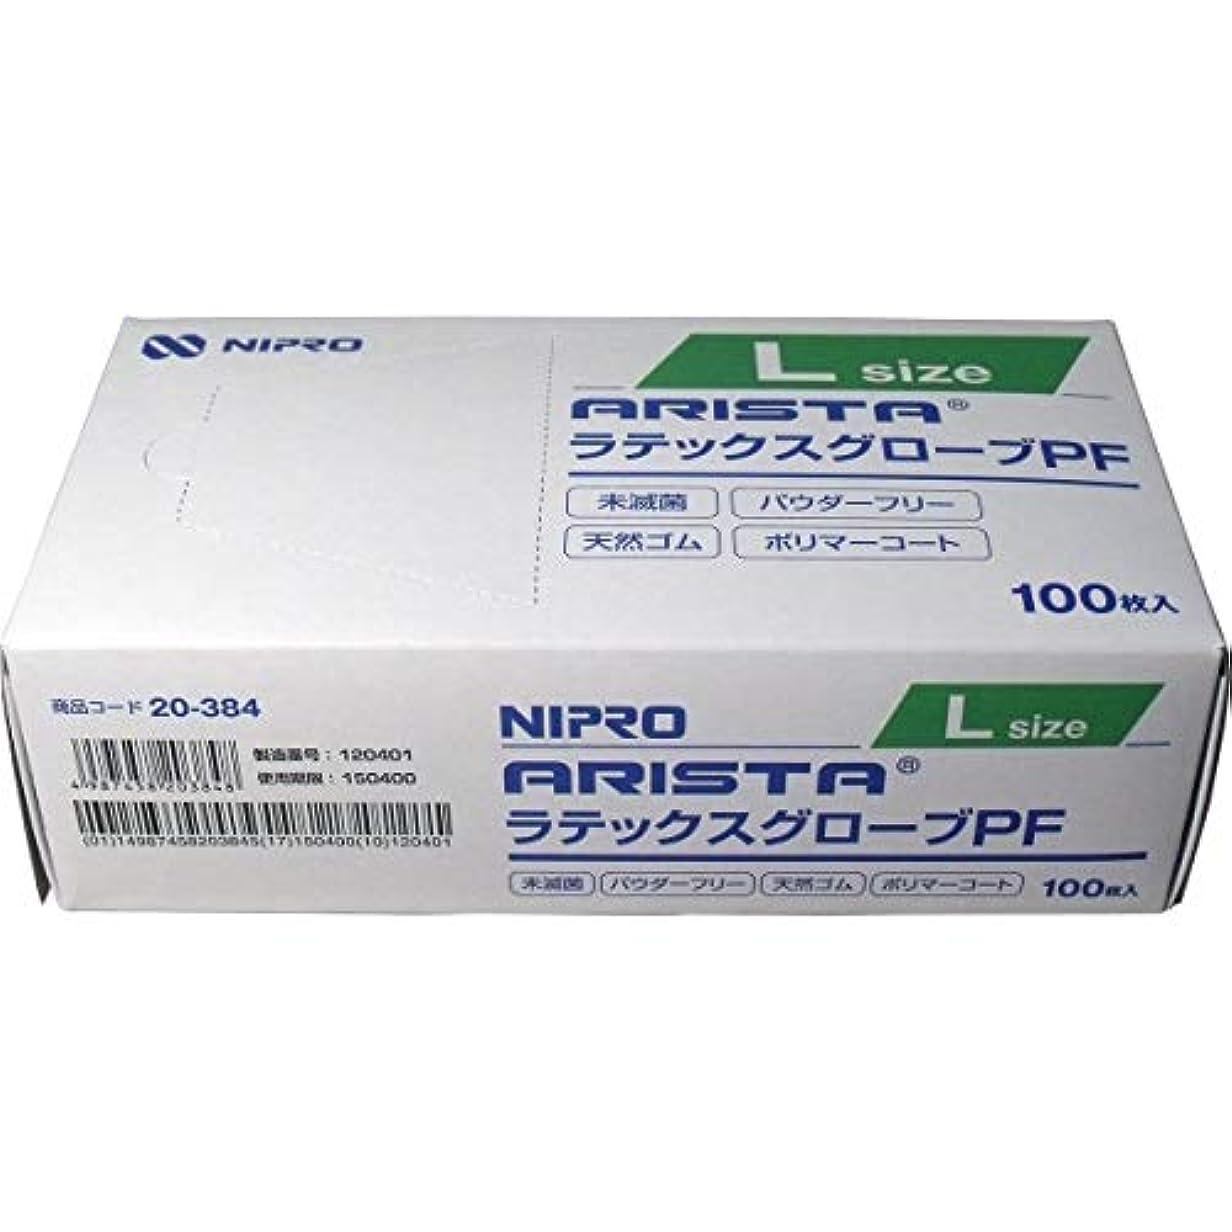 経度フレームワーク六ニプロ ラテックスグローブ(天然ゴム手袋) パウダーフリー Lサイズ 100枚入×5個セット(管理番号 4987458203848)